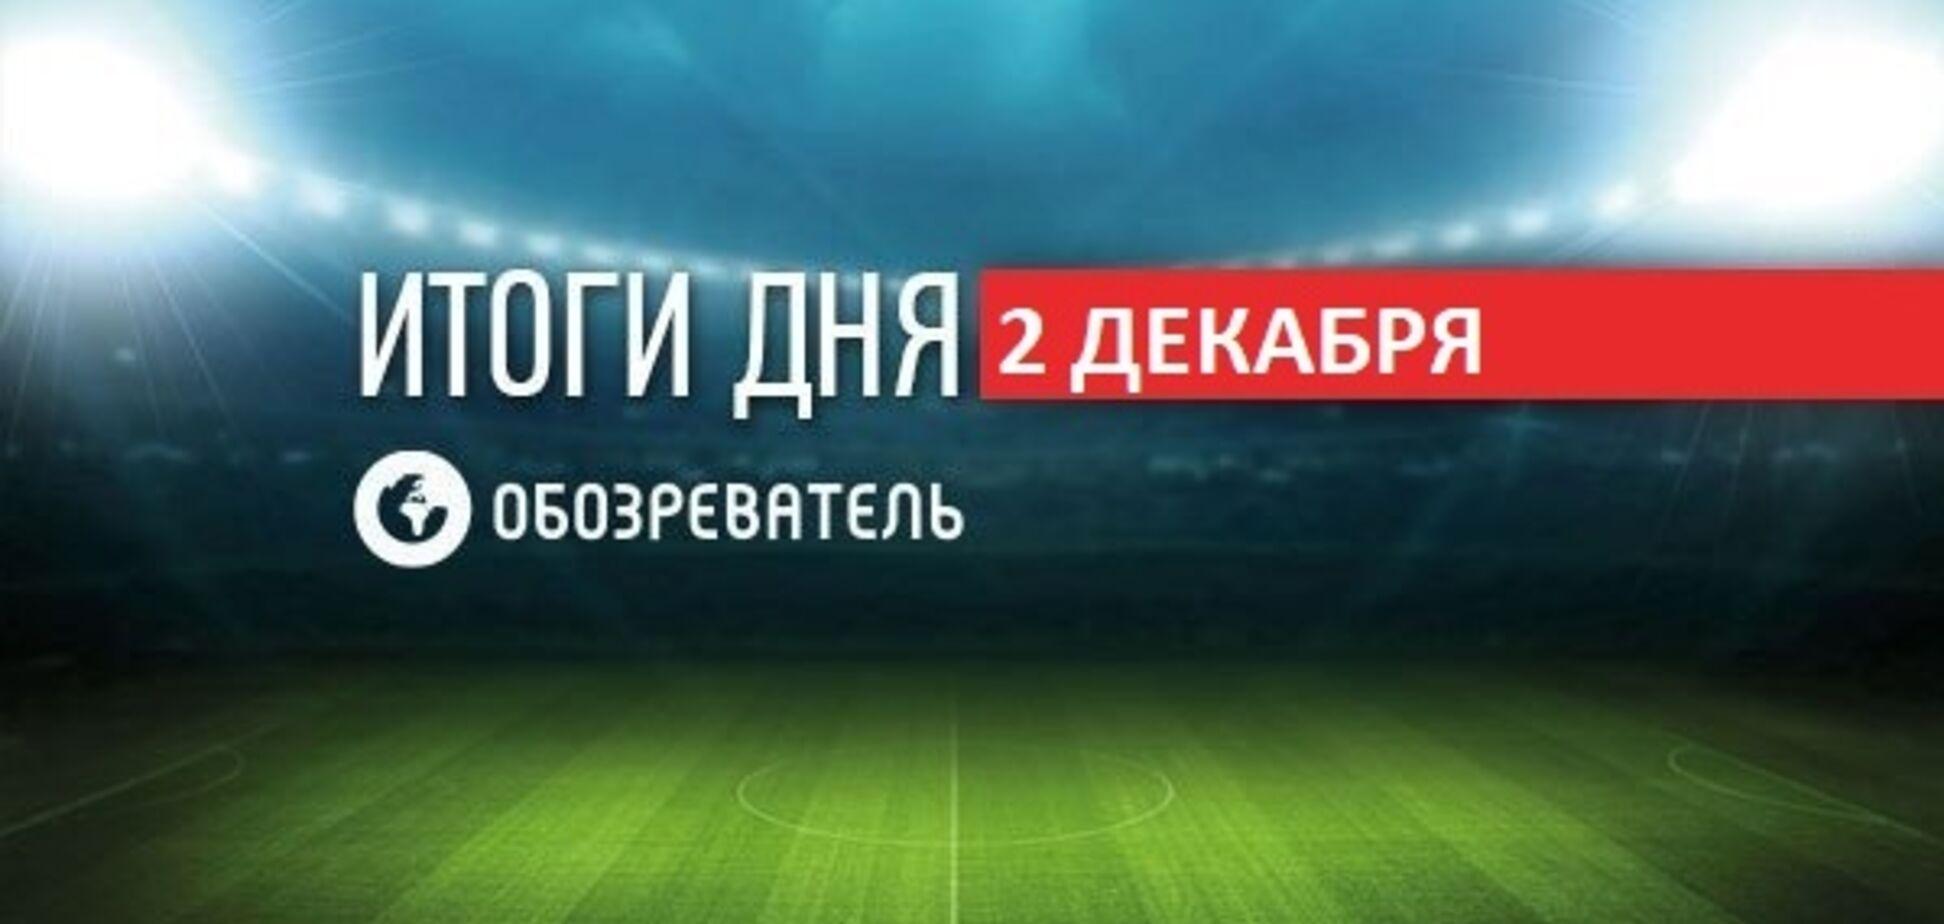 Шевченко розповів, куди піде зі збірної: спортивні підсумки 2 грудня